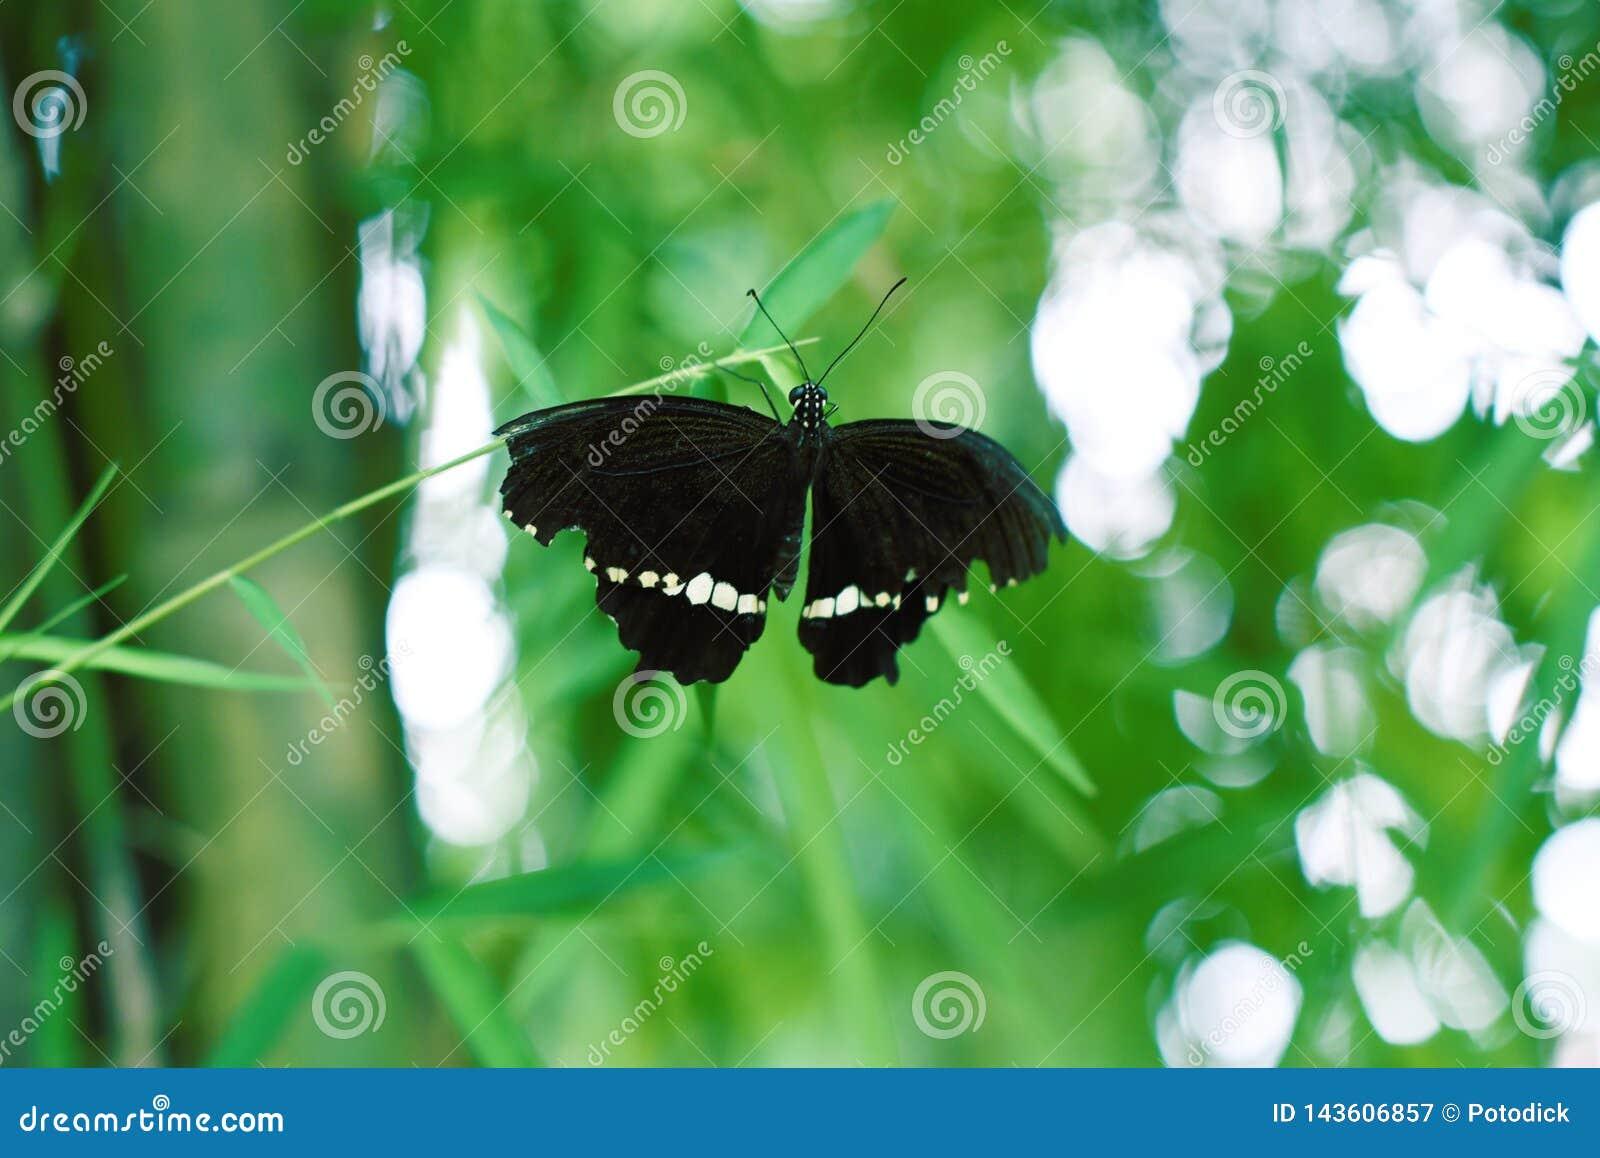 Farfalle nere con le ali nere allungate